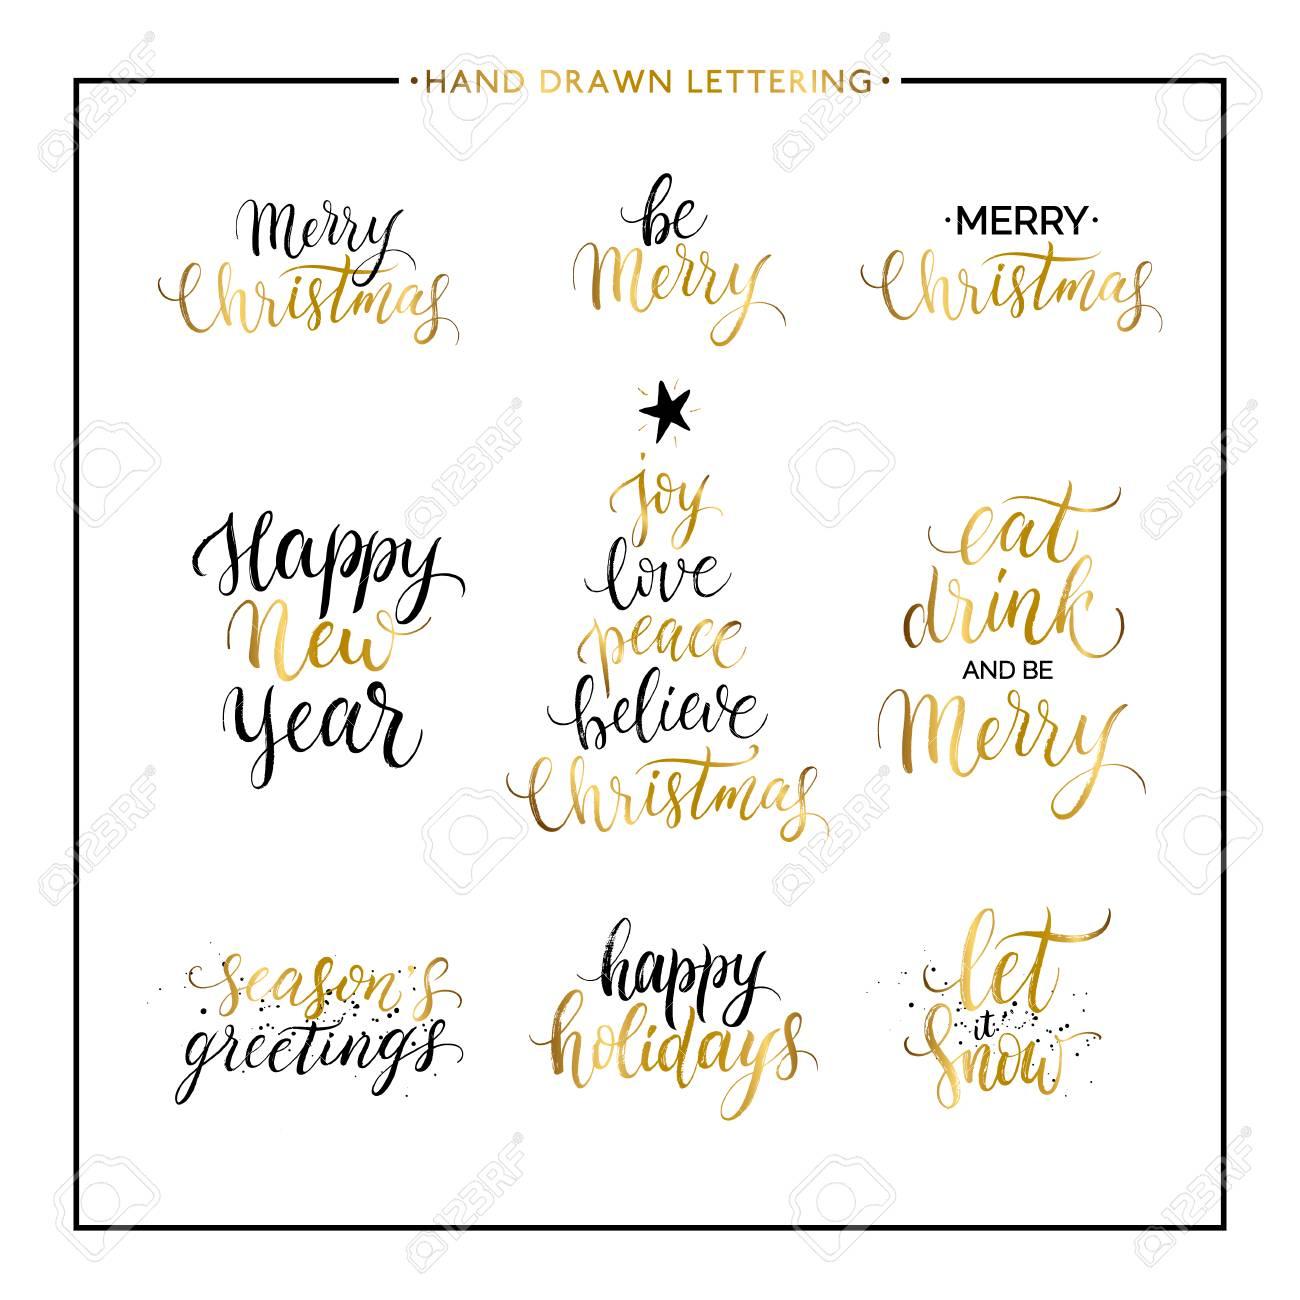 Frases Y Citas Para Navidad.Frases Y Citas De Navidad Y Ano Nuevo Feliz Navidad Felices Fiestas Saludos De Temporadas Dejalo Nevar Letras De Navidad De Vector Manuscritas